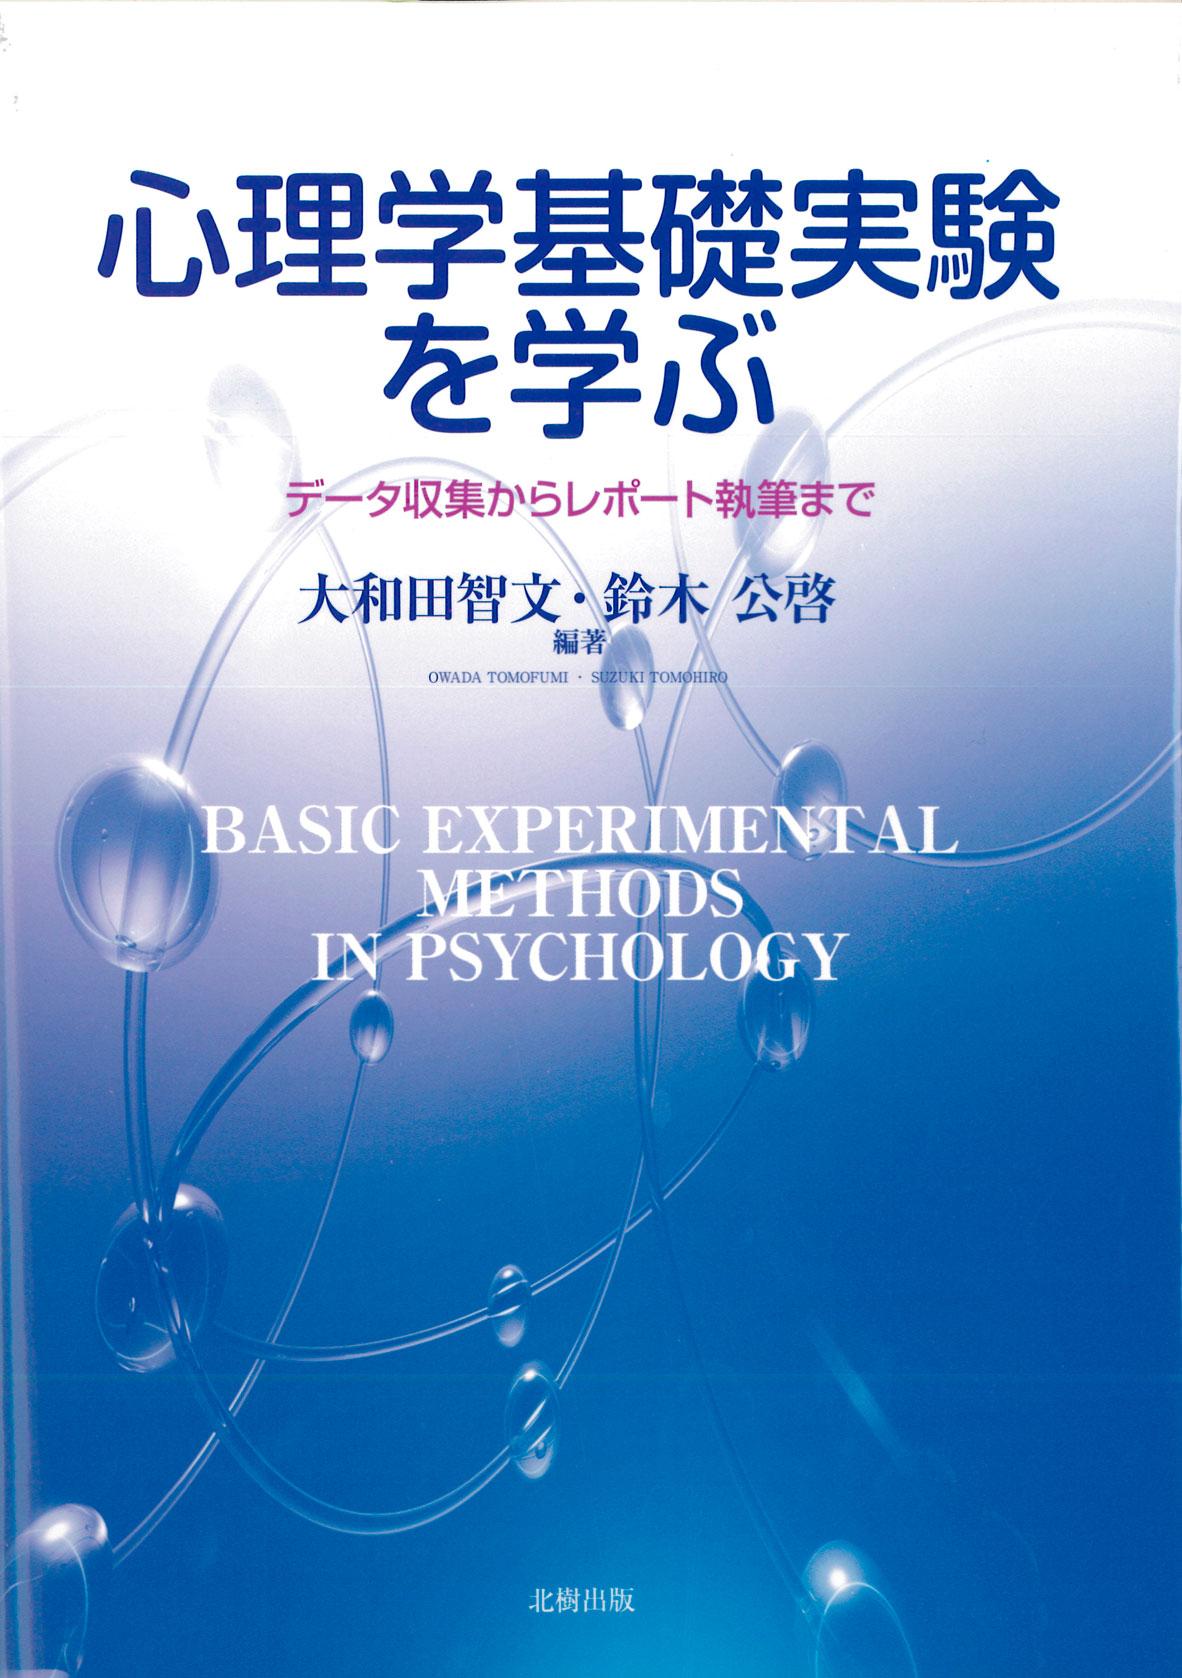 心理学基礎実験を学ぶ